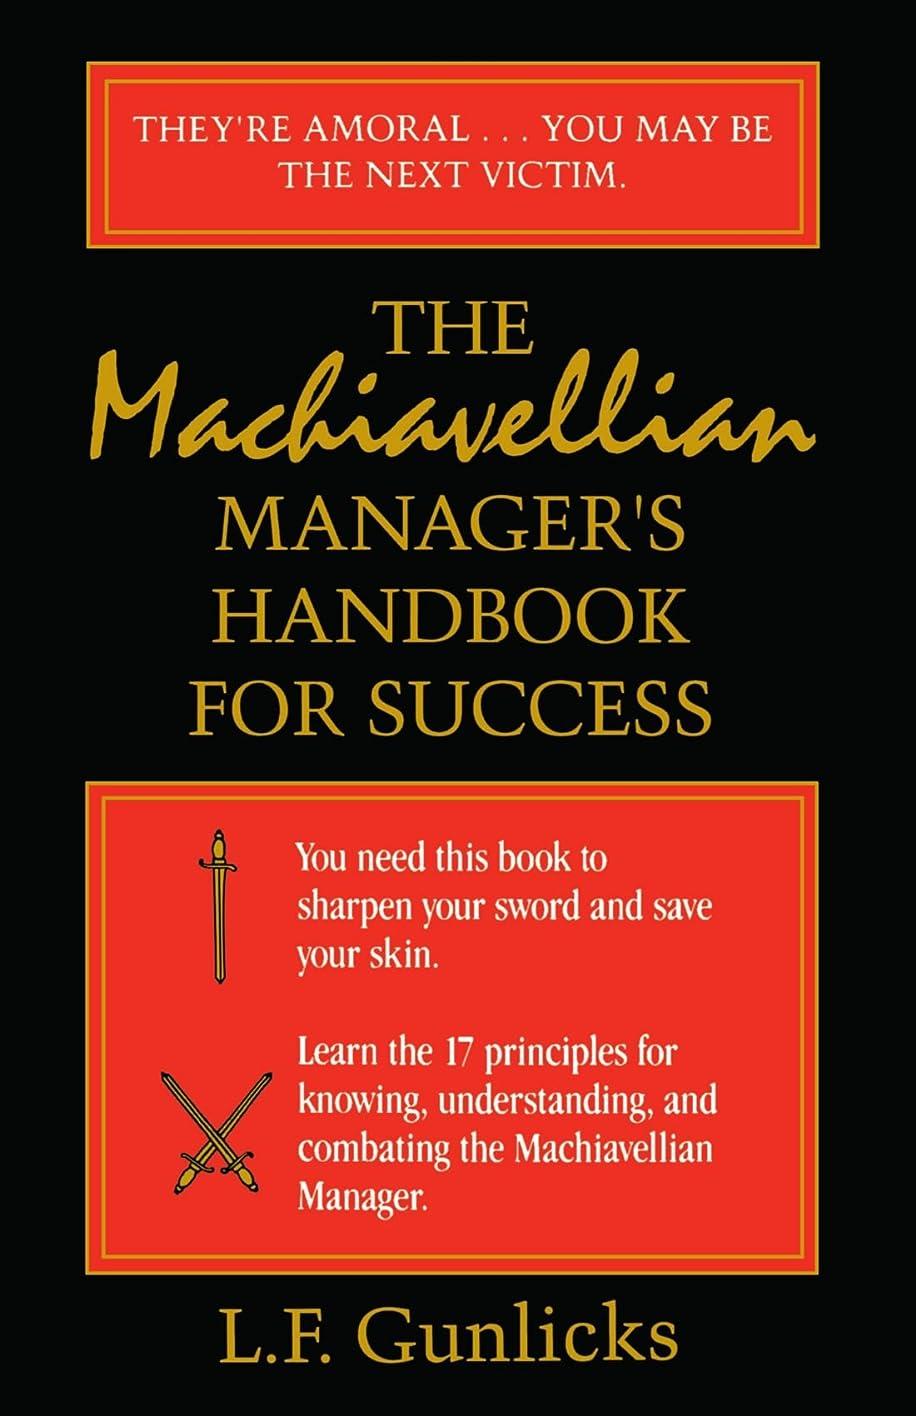 メタリックカバレッジチューブThe Machiavellian Manager's Handbook for Success